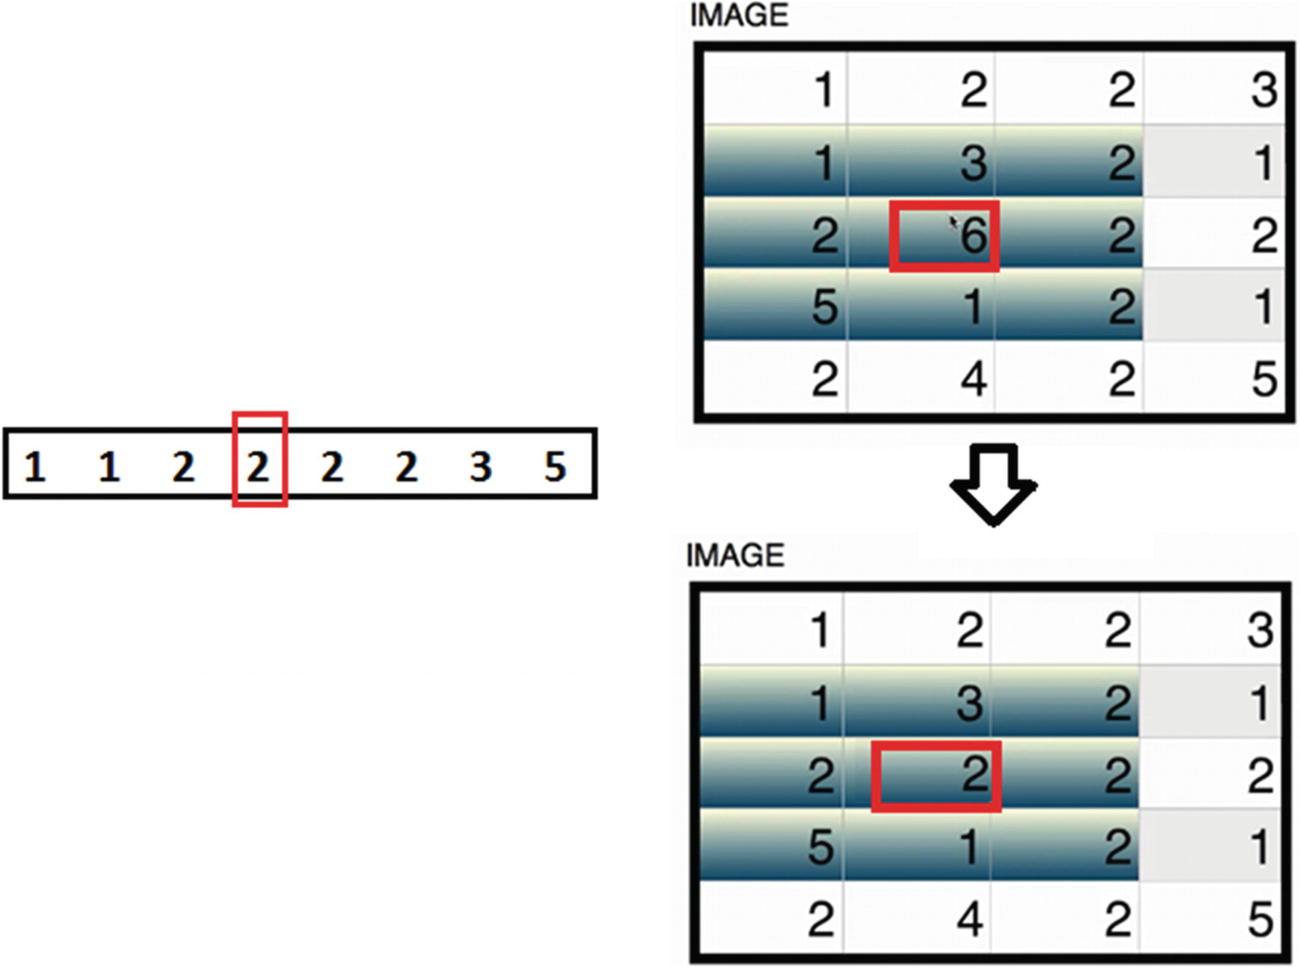 Image Manipulation and Segmentation | SpringerLink